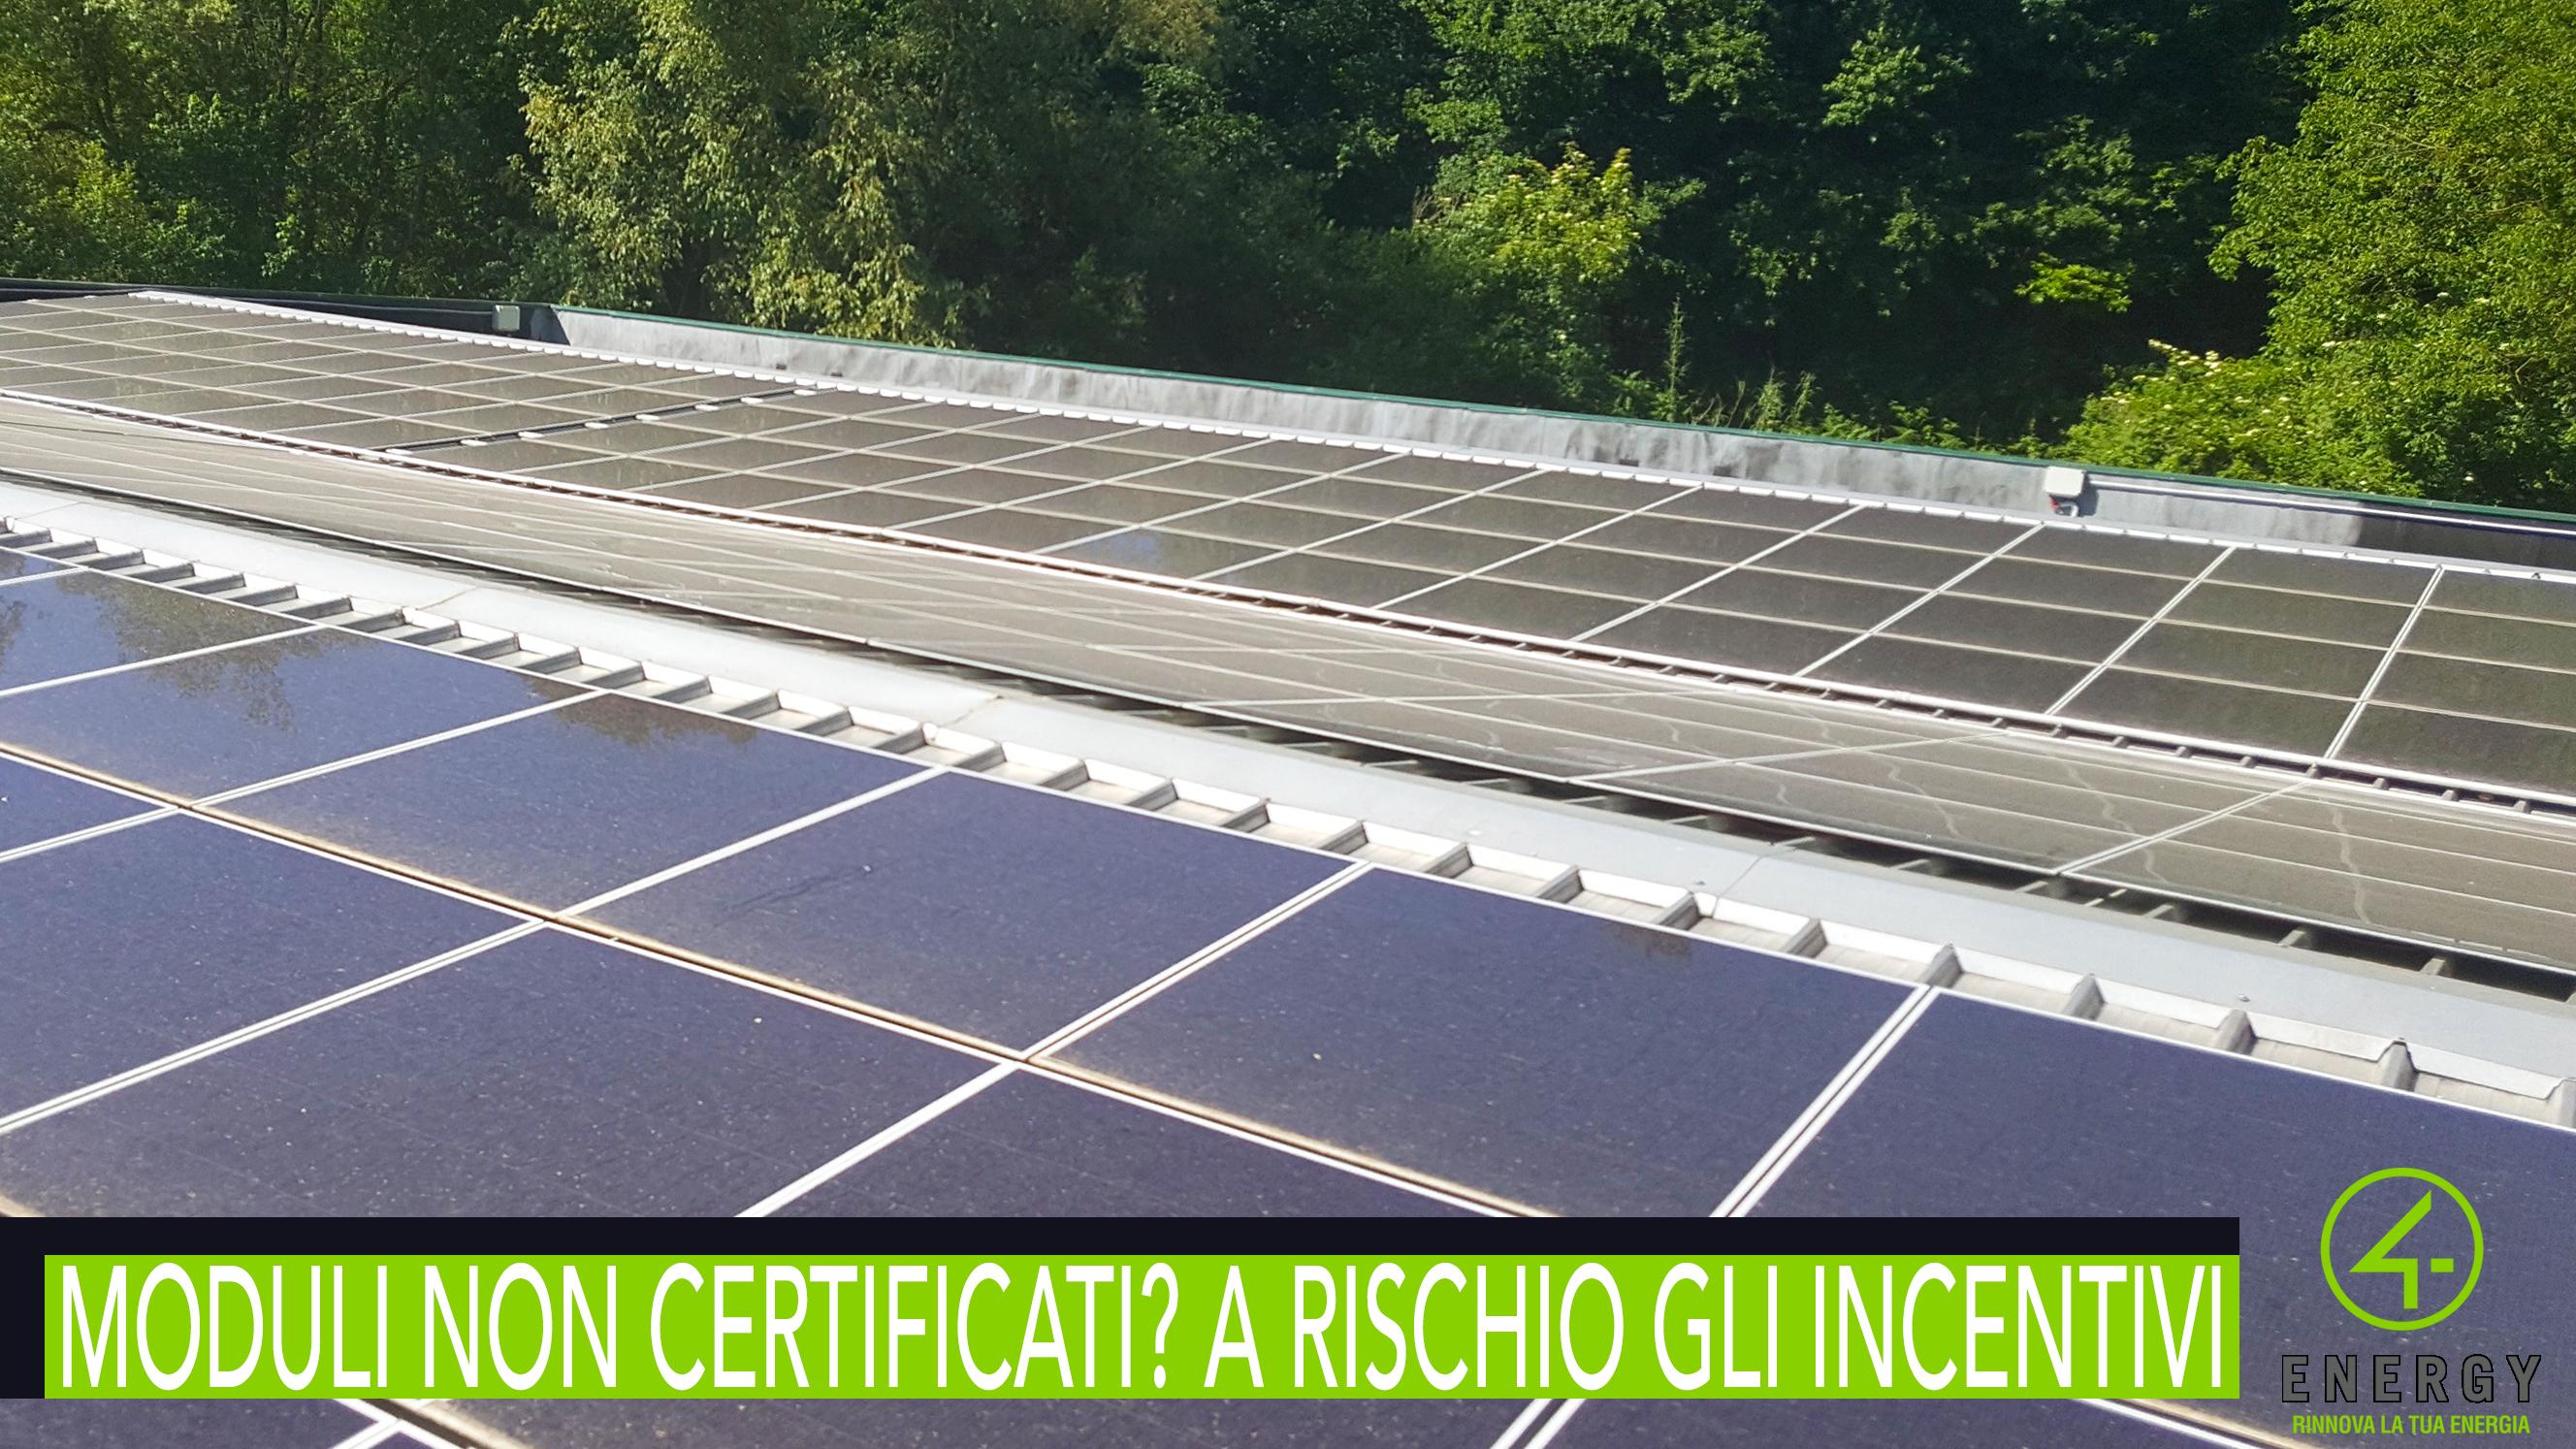 Fotovoltaico - Moduli non certificati a rischio gli incentivi